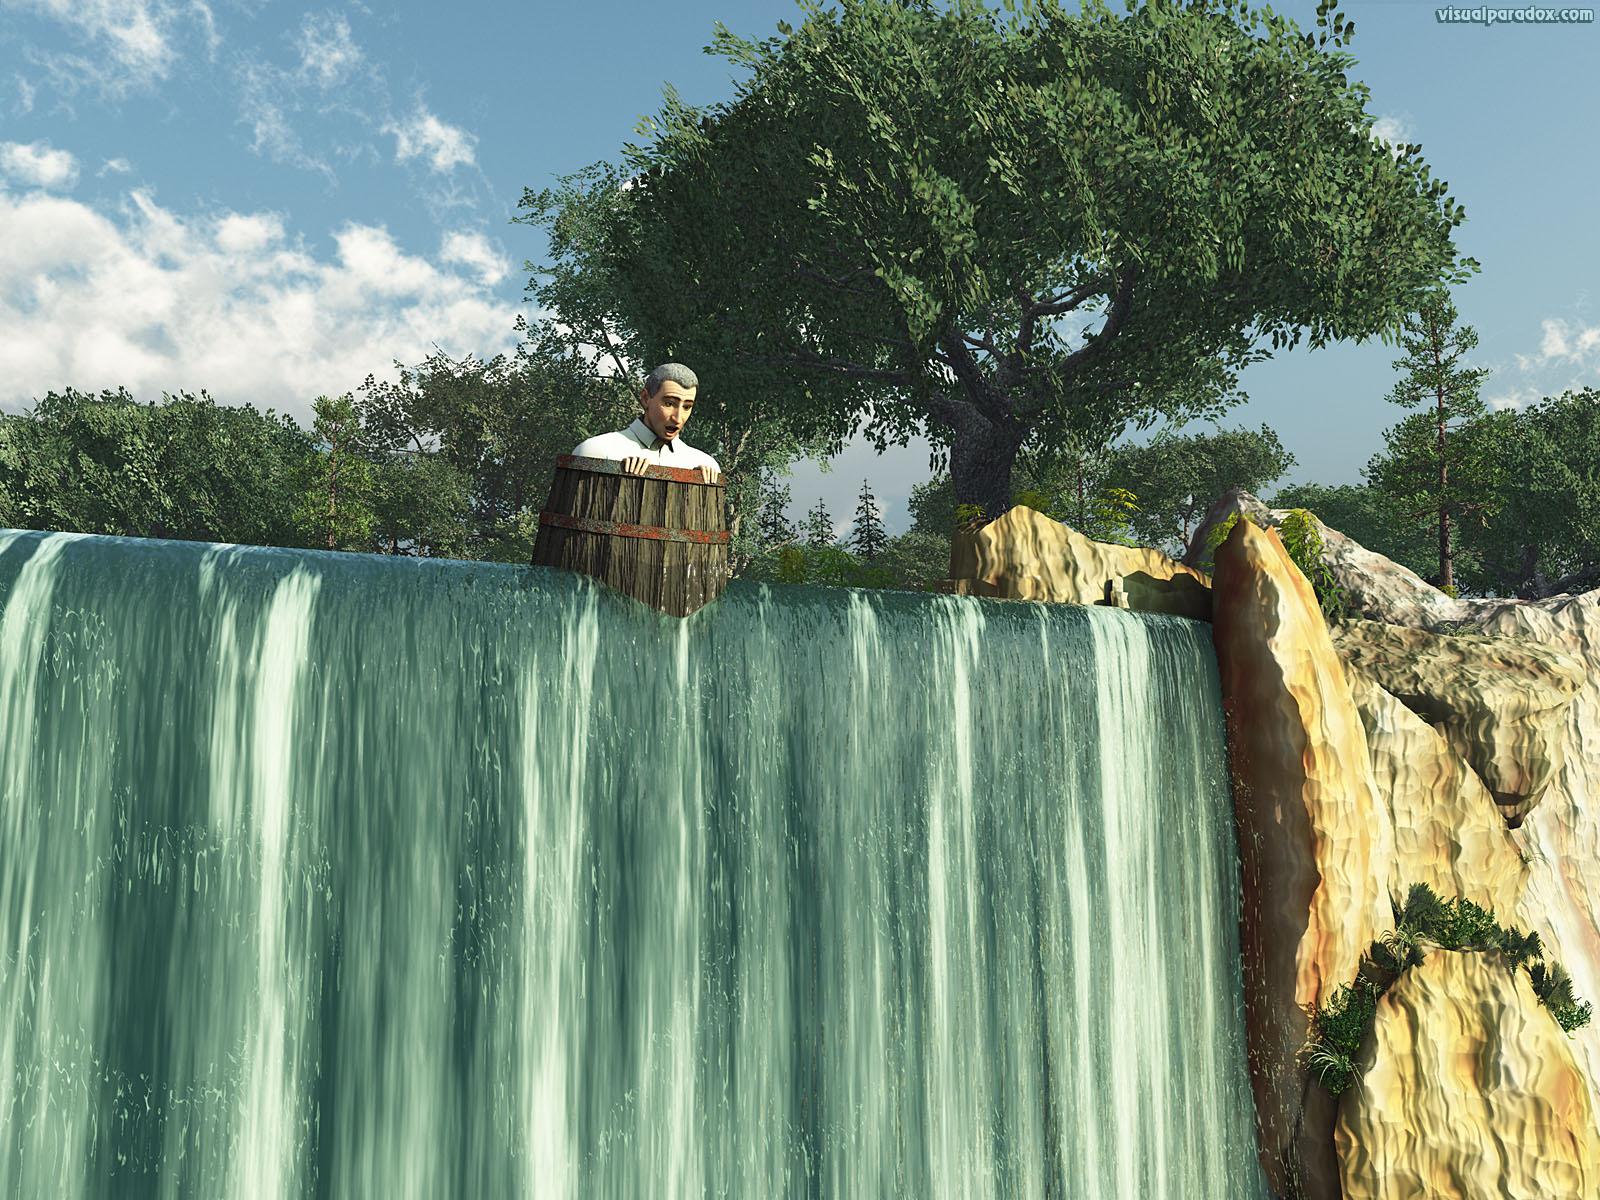 free 3d wallpaper 39 over the falls 39 1600x1200